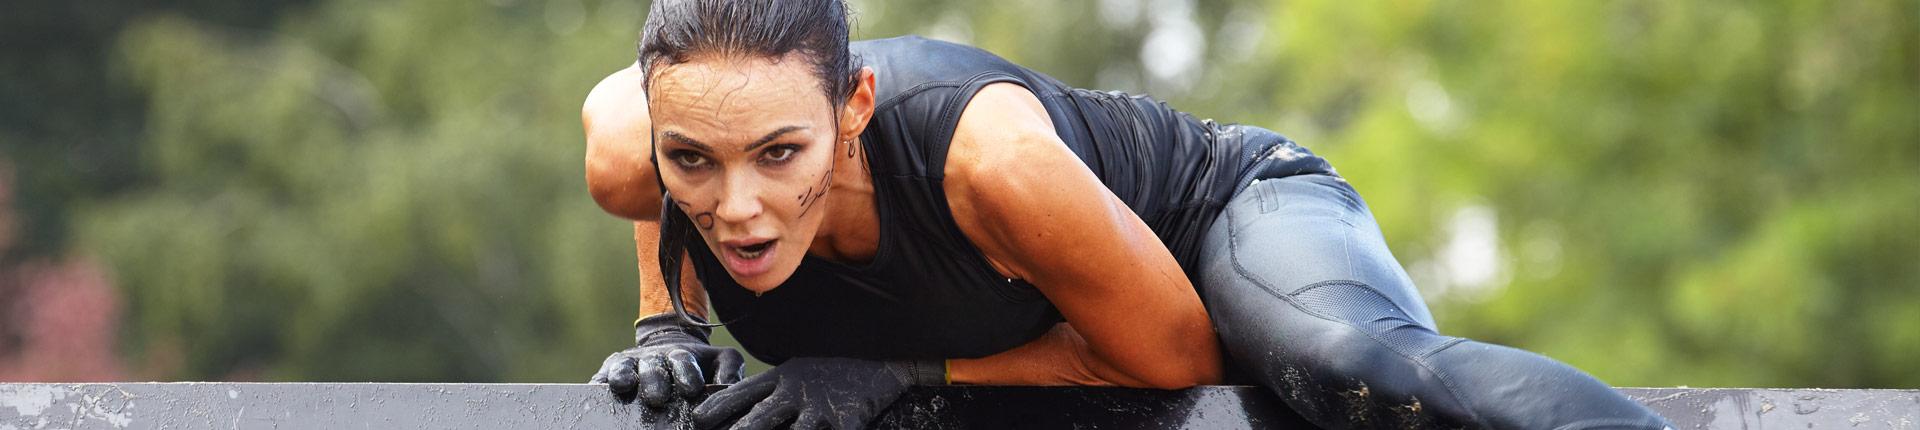 5 powodów, dla których nie powinno się odkładać startu w biegu survivalowym